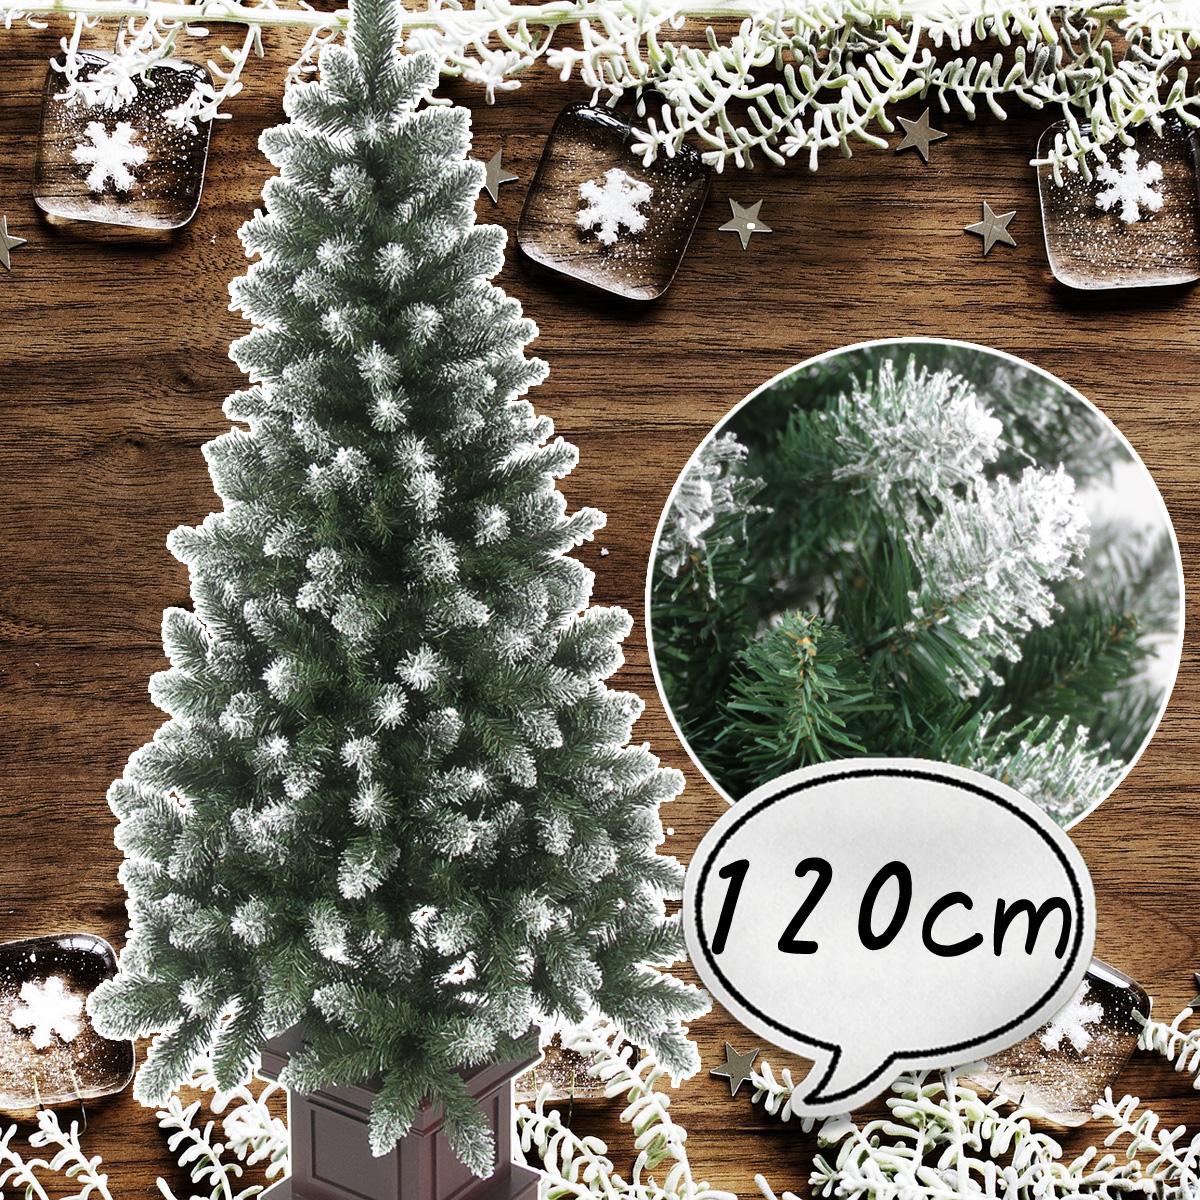 クリスマスツリー 120cm ポイントスノーツリー 先雪 木製ポット グリーン ツリーの木 ポットツリー 北欧 おしゃれ ウッドベース 【10月中旬入荷予定】